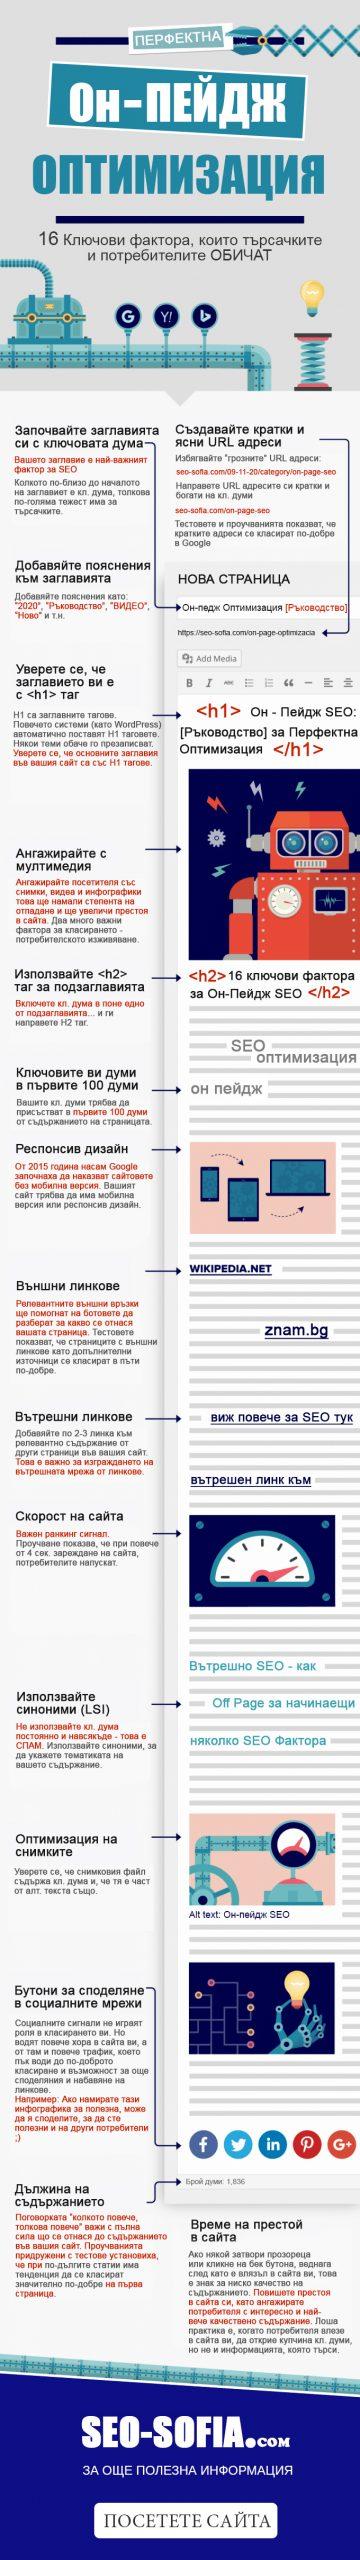 Вътрешна оптимизация - On Page SEO [Инфографика]